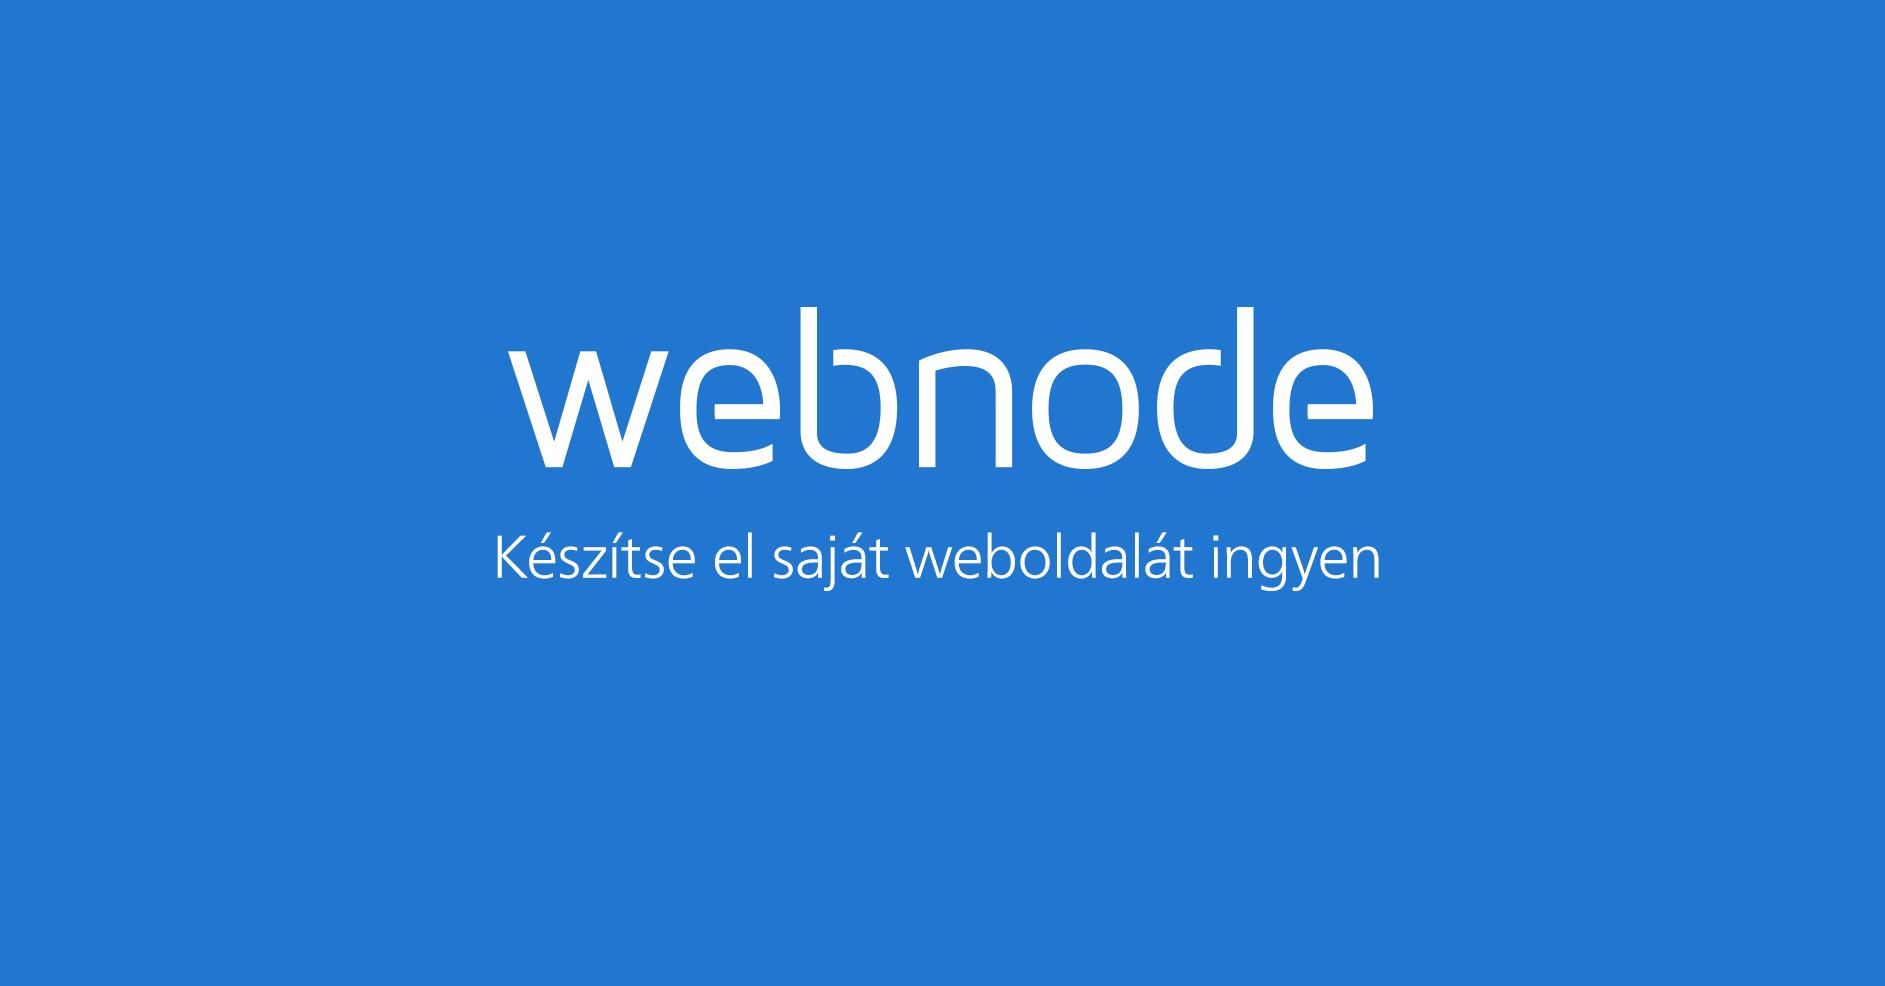 (c) Webnode.hr